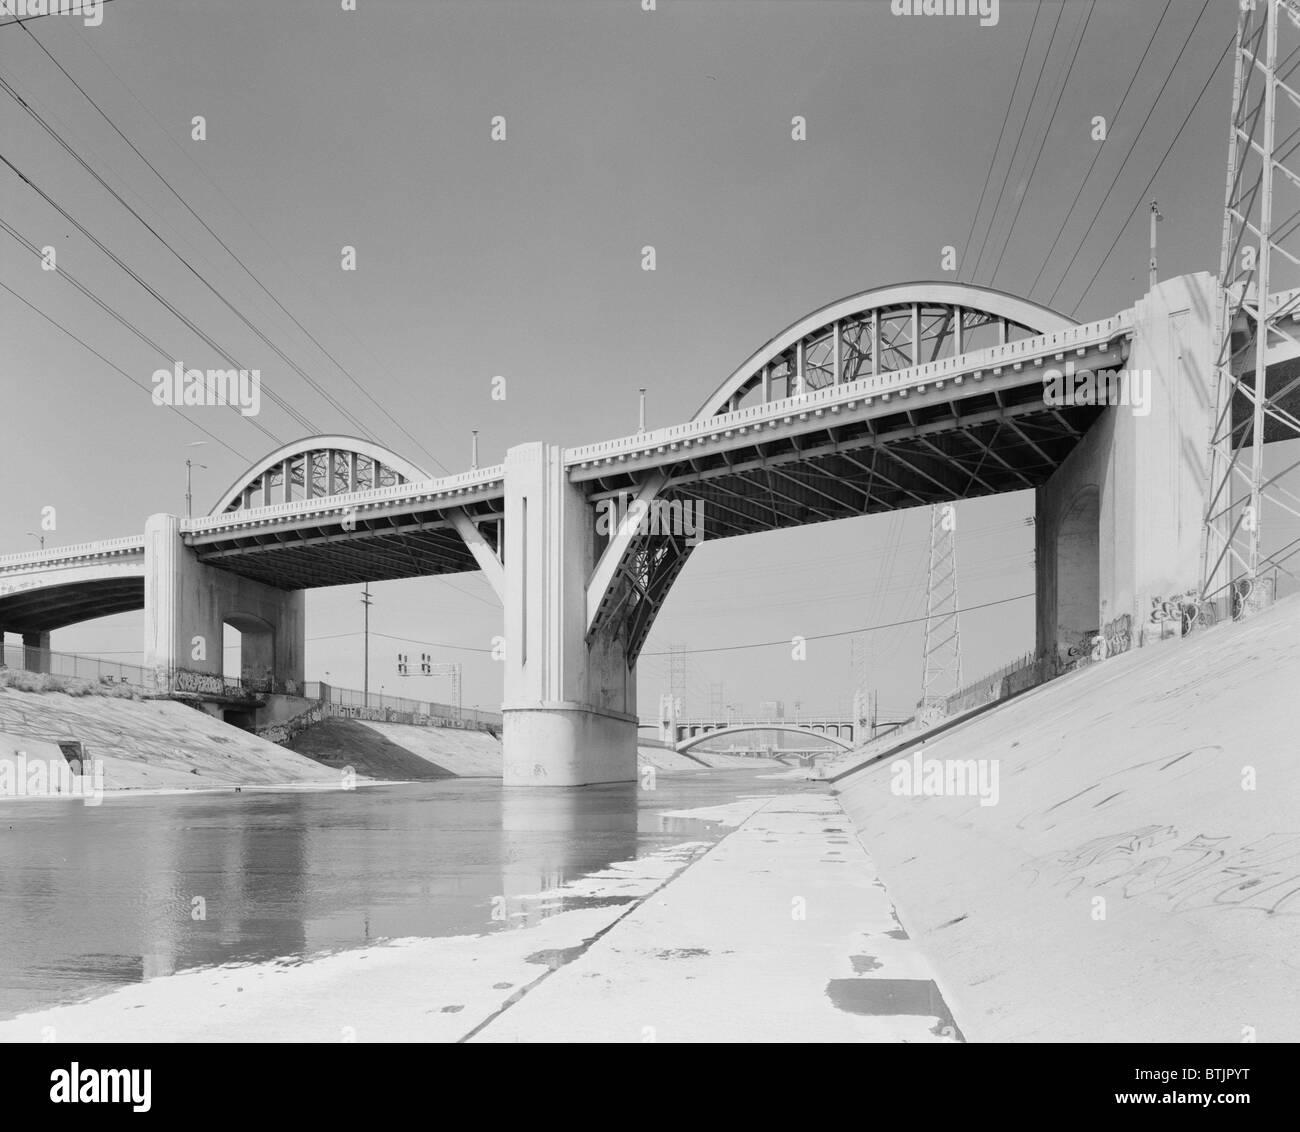 Arte Design In Los Angeles Images: Art Deco Design Architecture Stock Photos & Art Deco